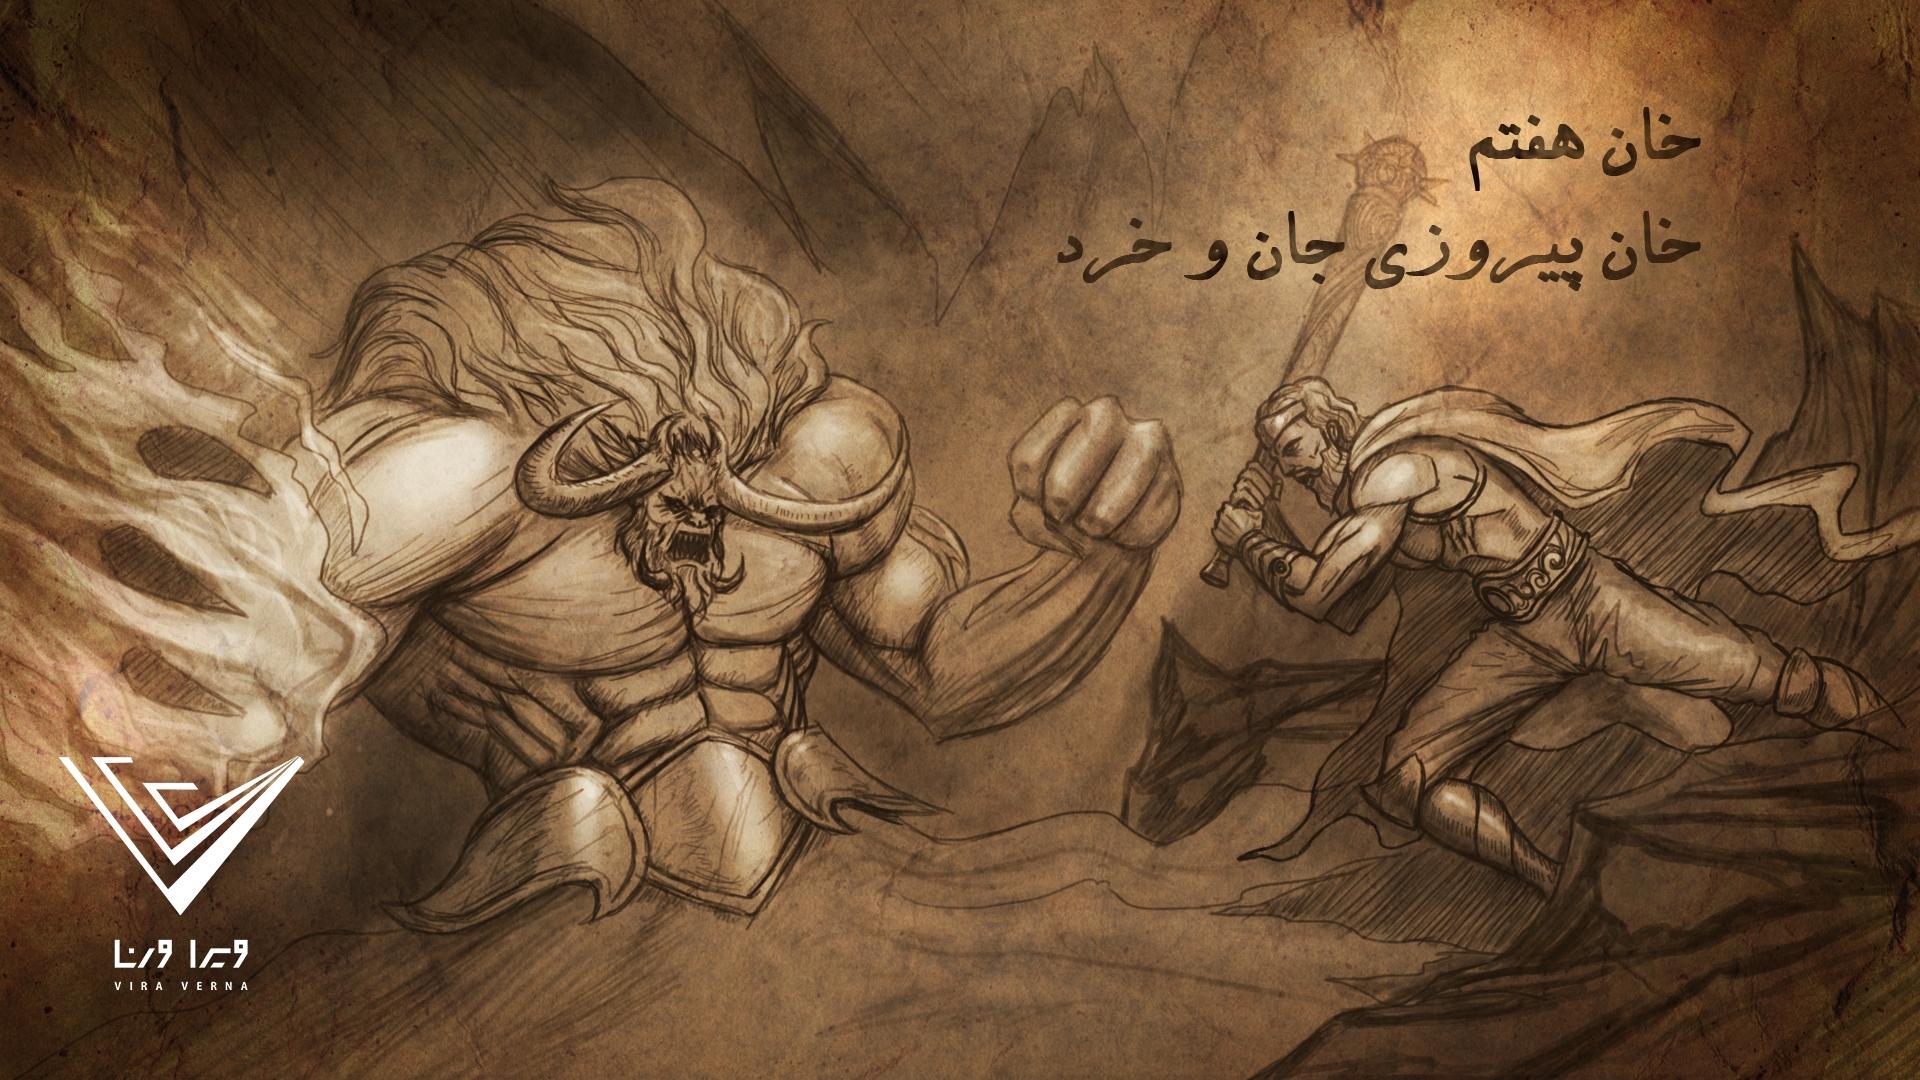 انیمیشن روز بزرگداشت فردوسی - تصویر نمادین اول